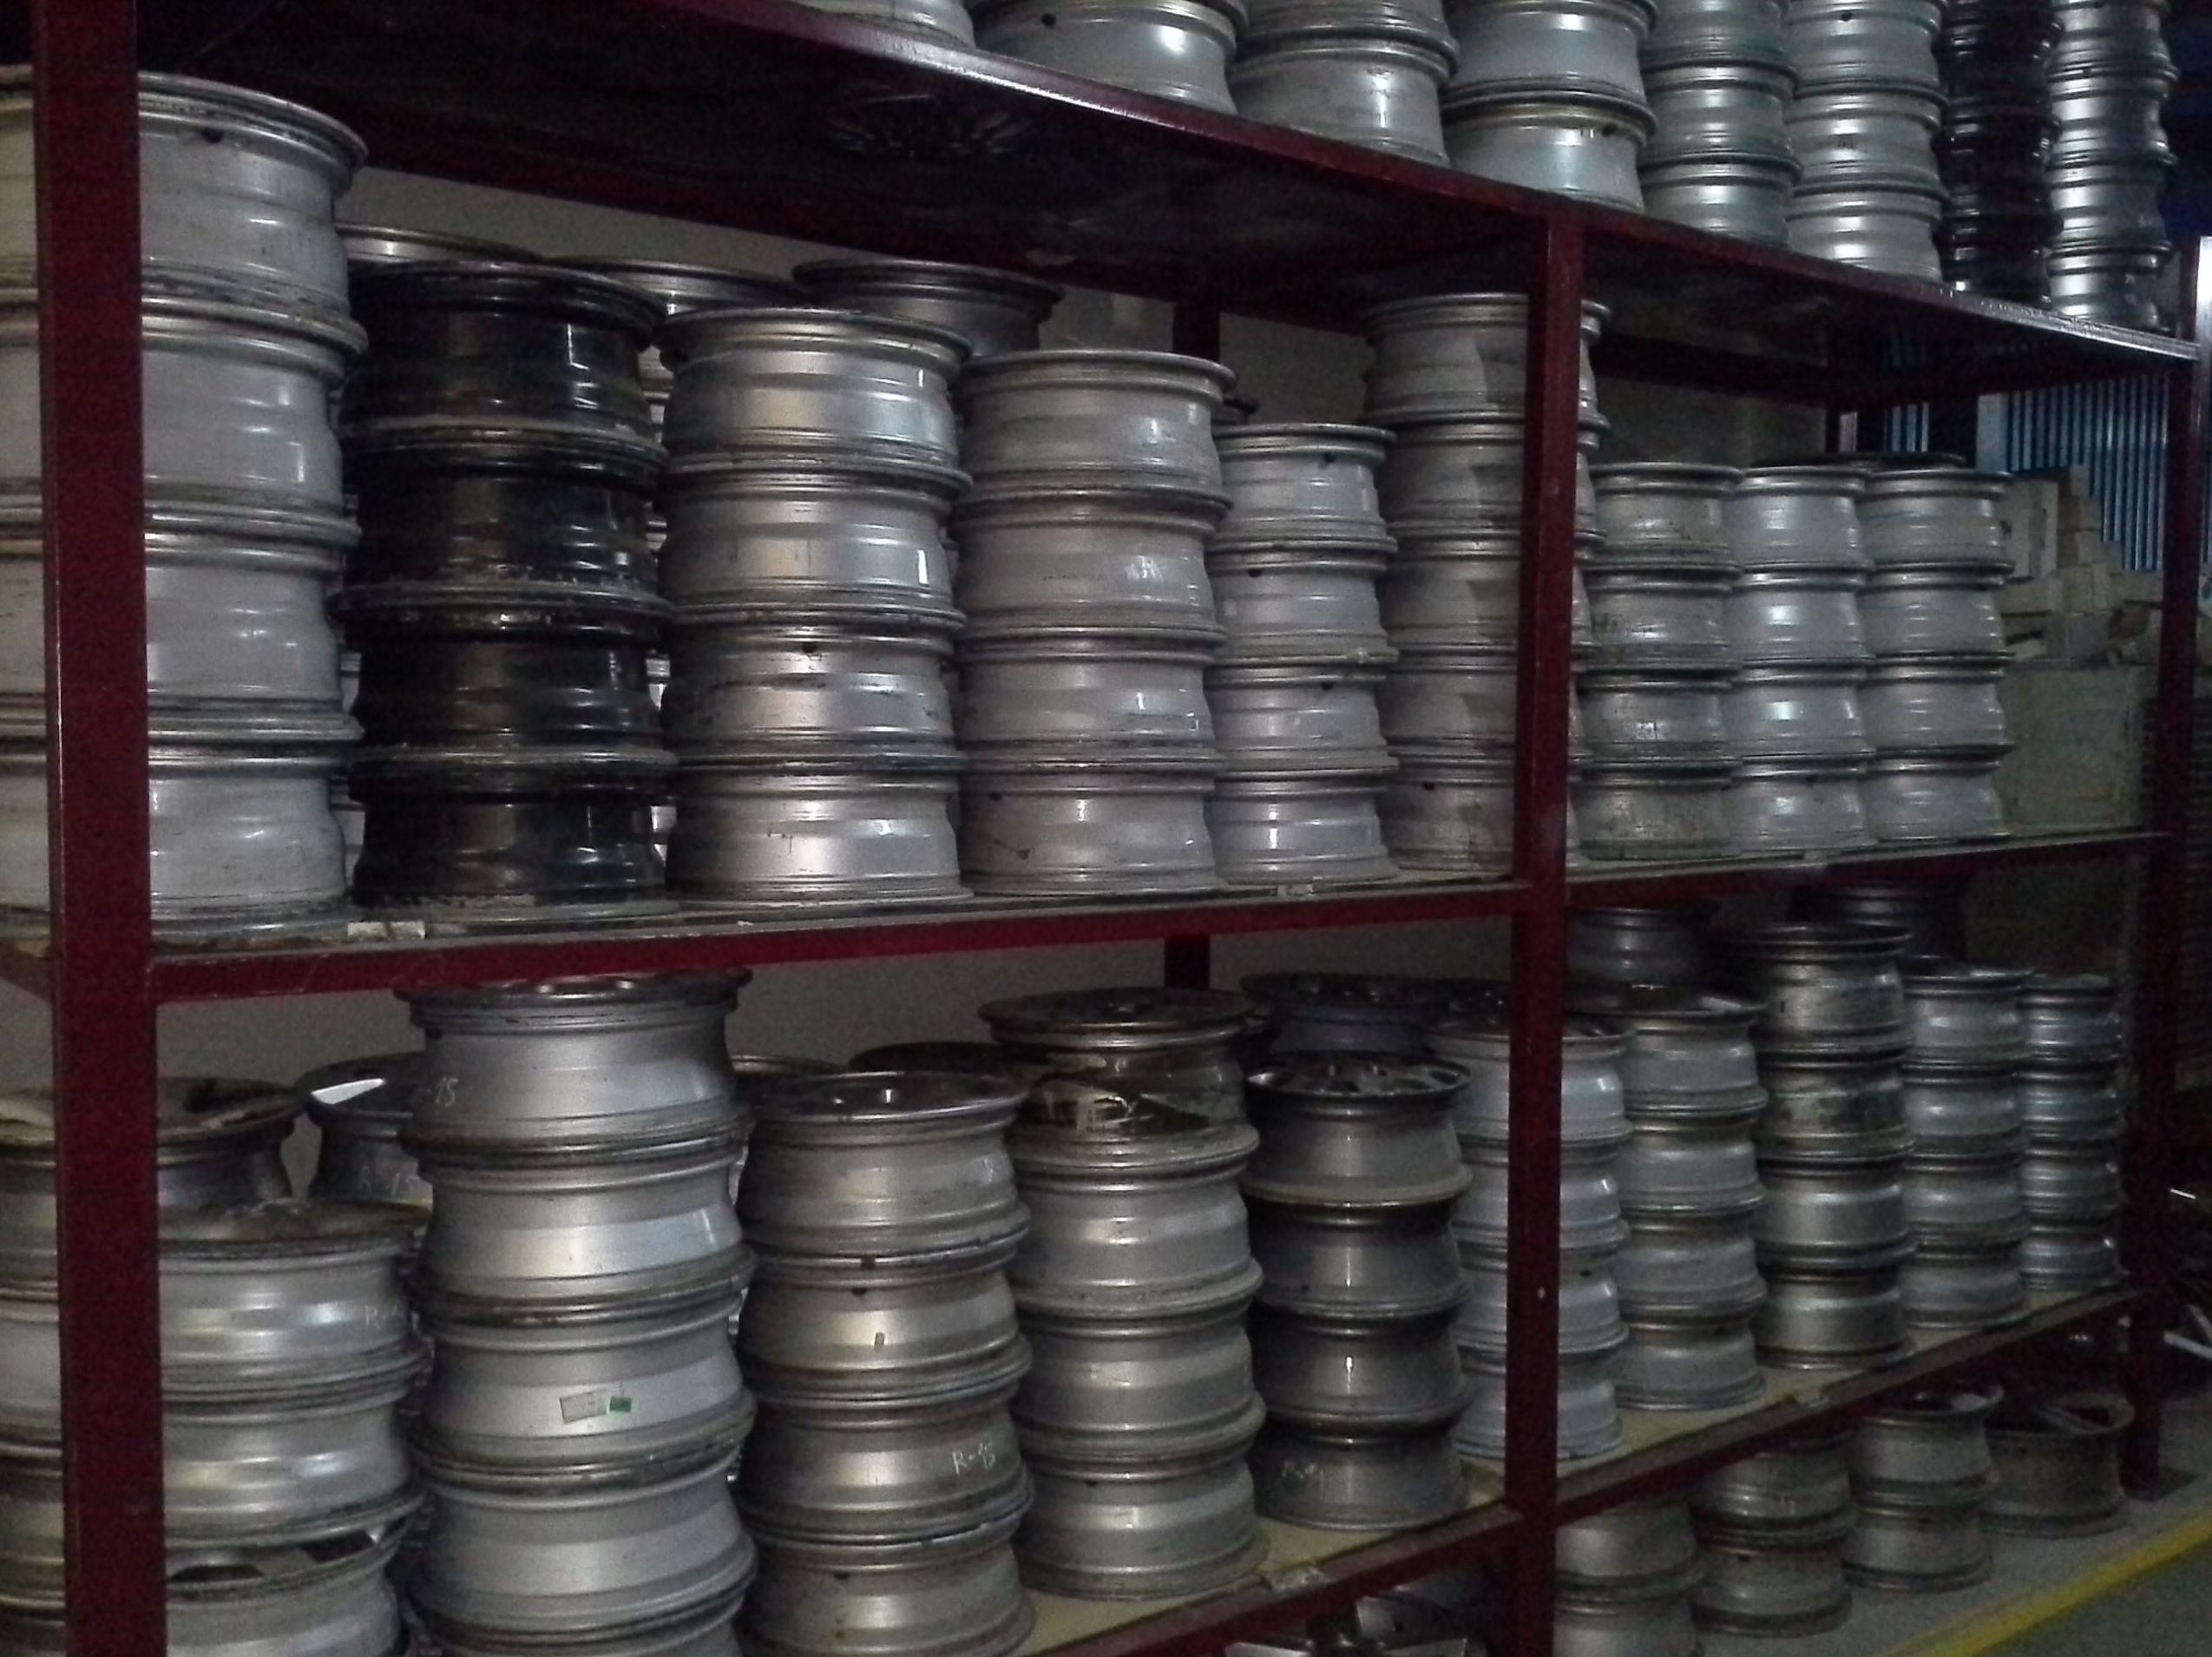 Llantas de aluminio usadas en Desguaces Clemente de Albacete